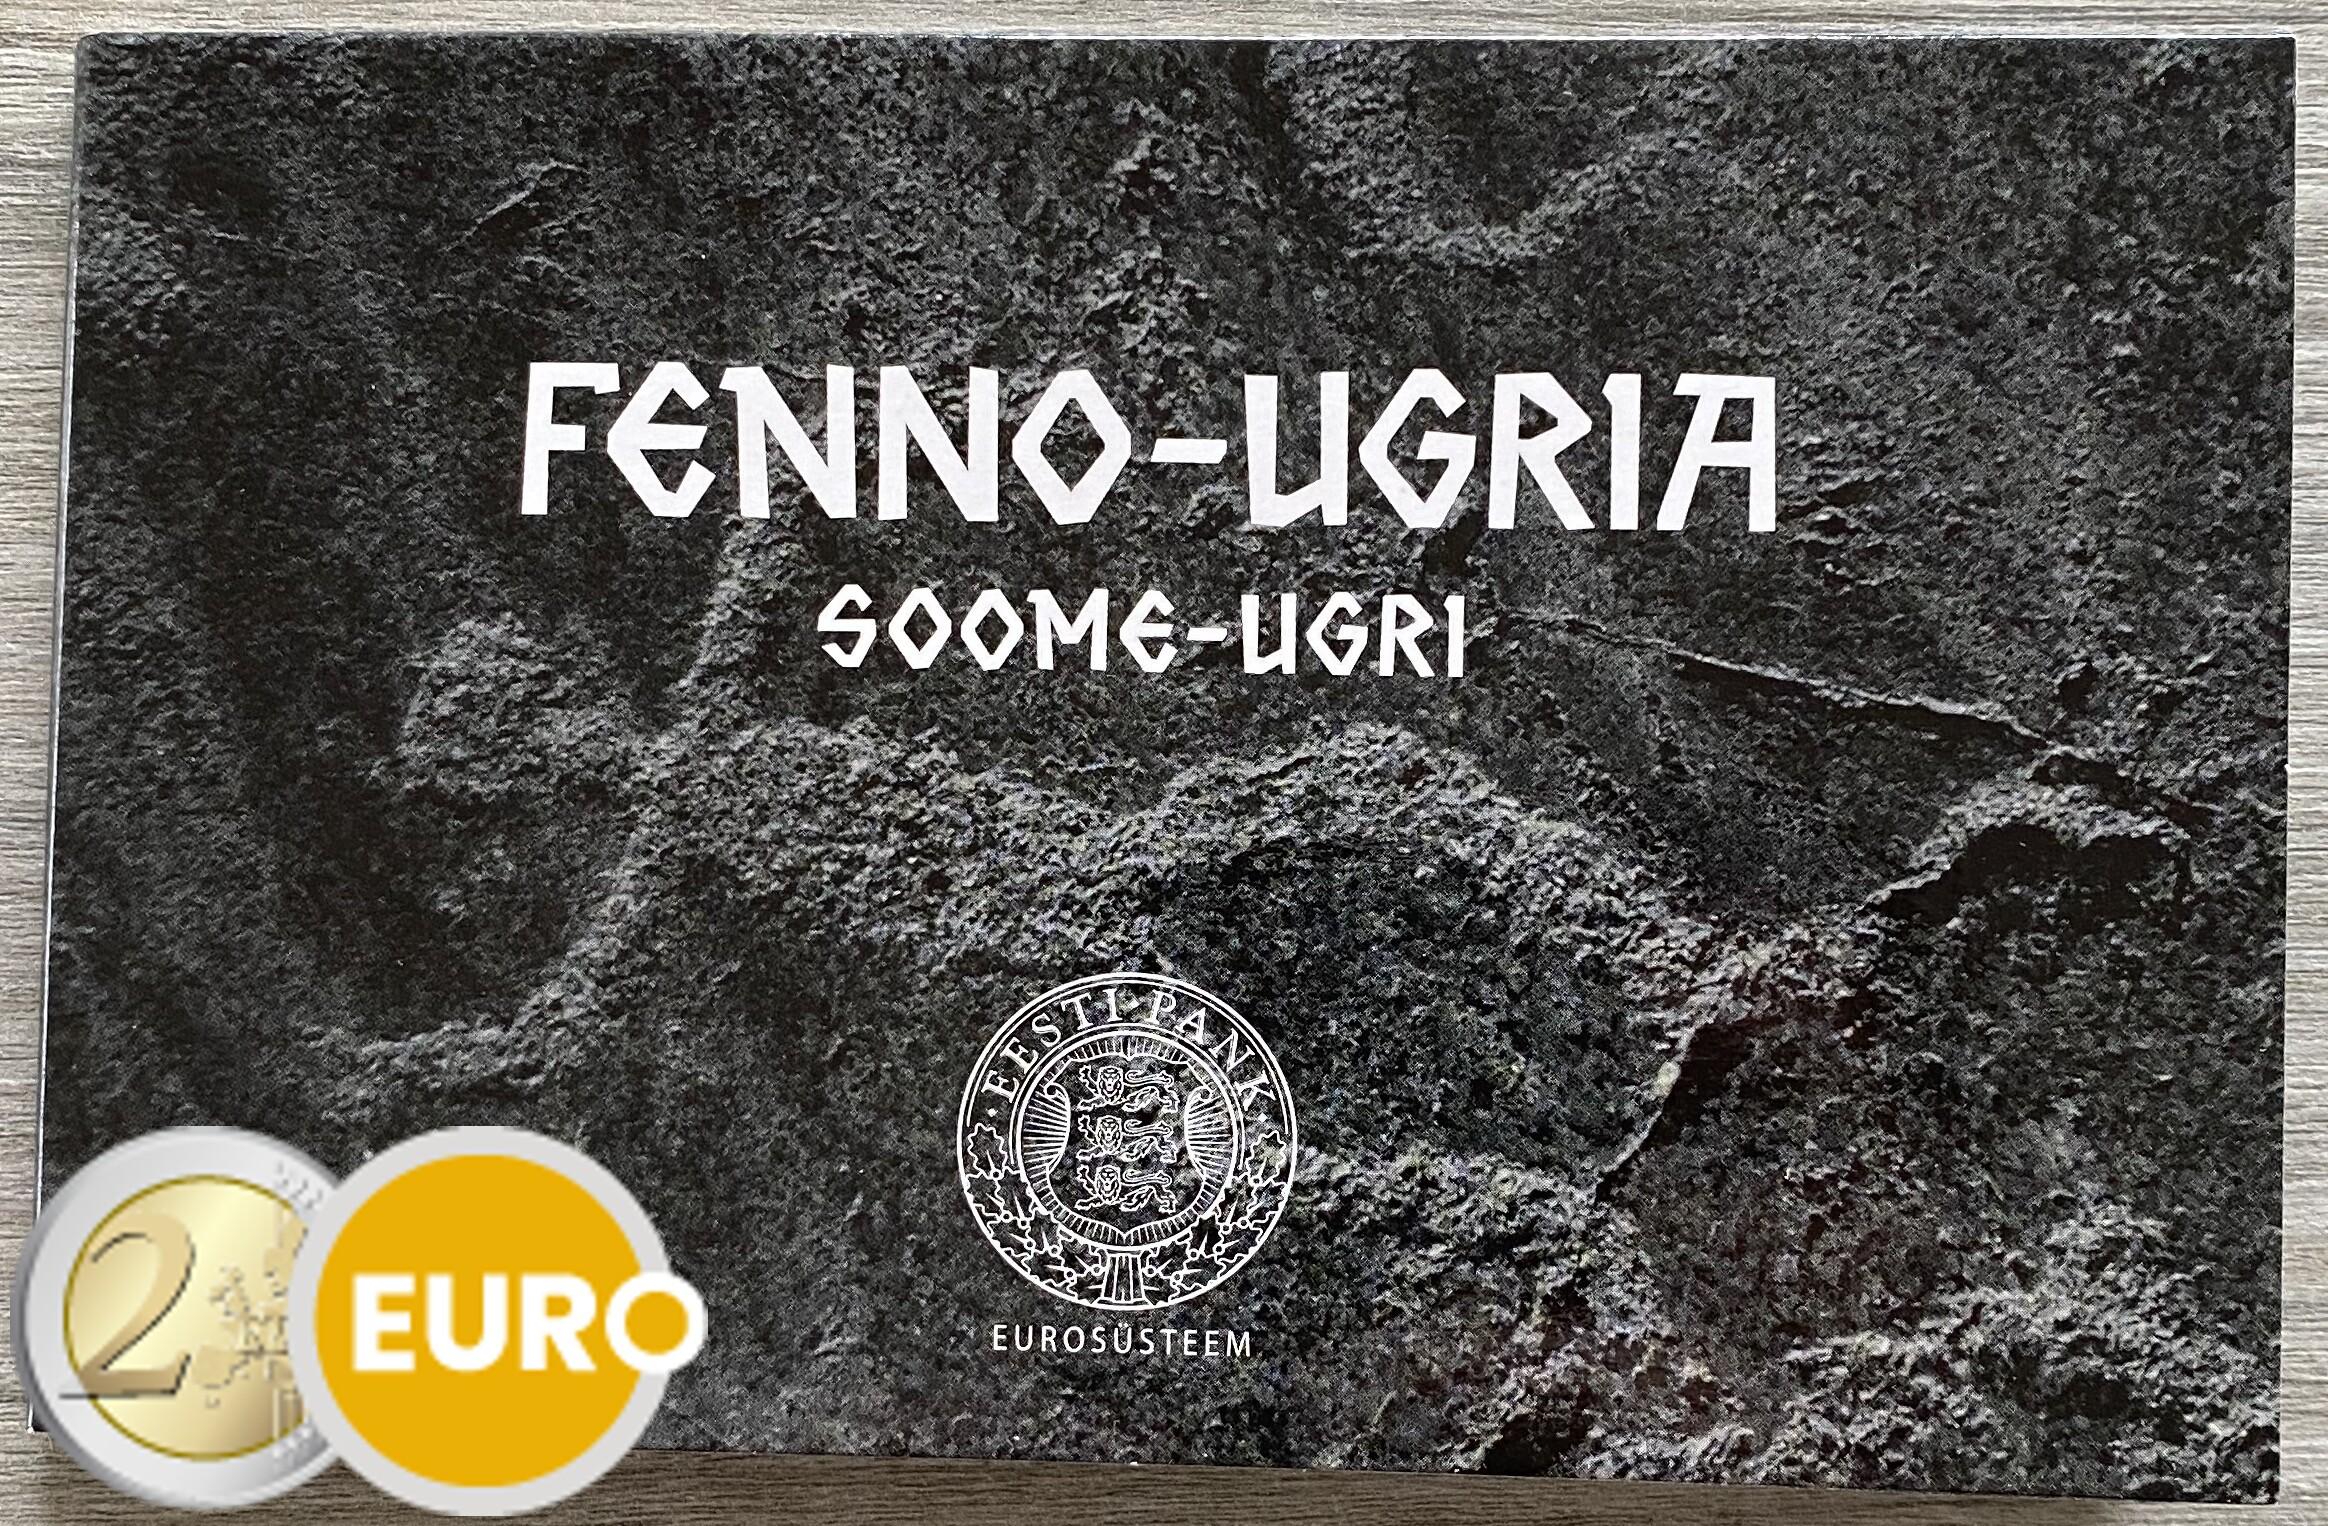 2 euros Estonia 2021 - Pueblos finno-ugros BU FDC Coincard